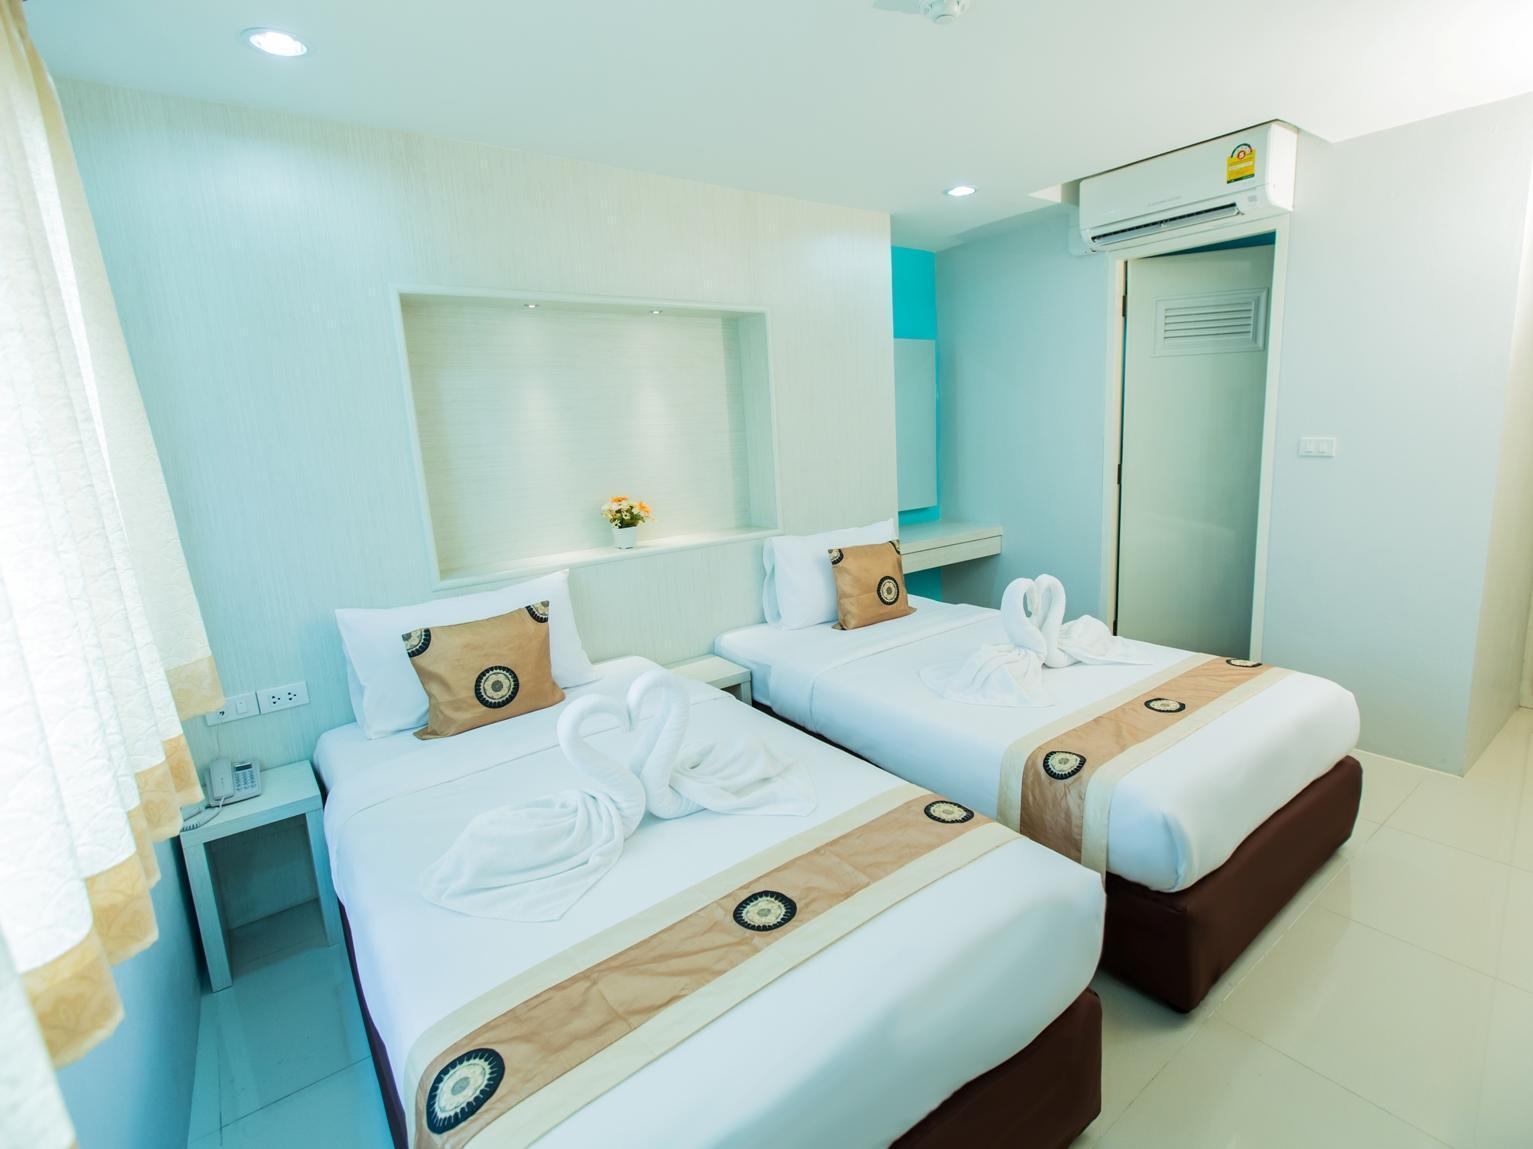 โรงแรมเลอ ตูเช ประตูน้ำ